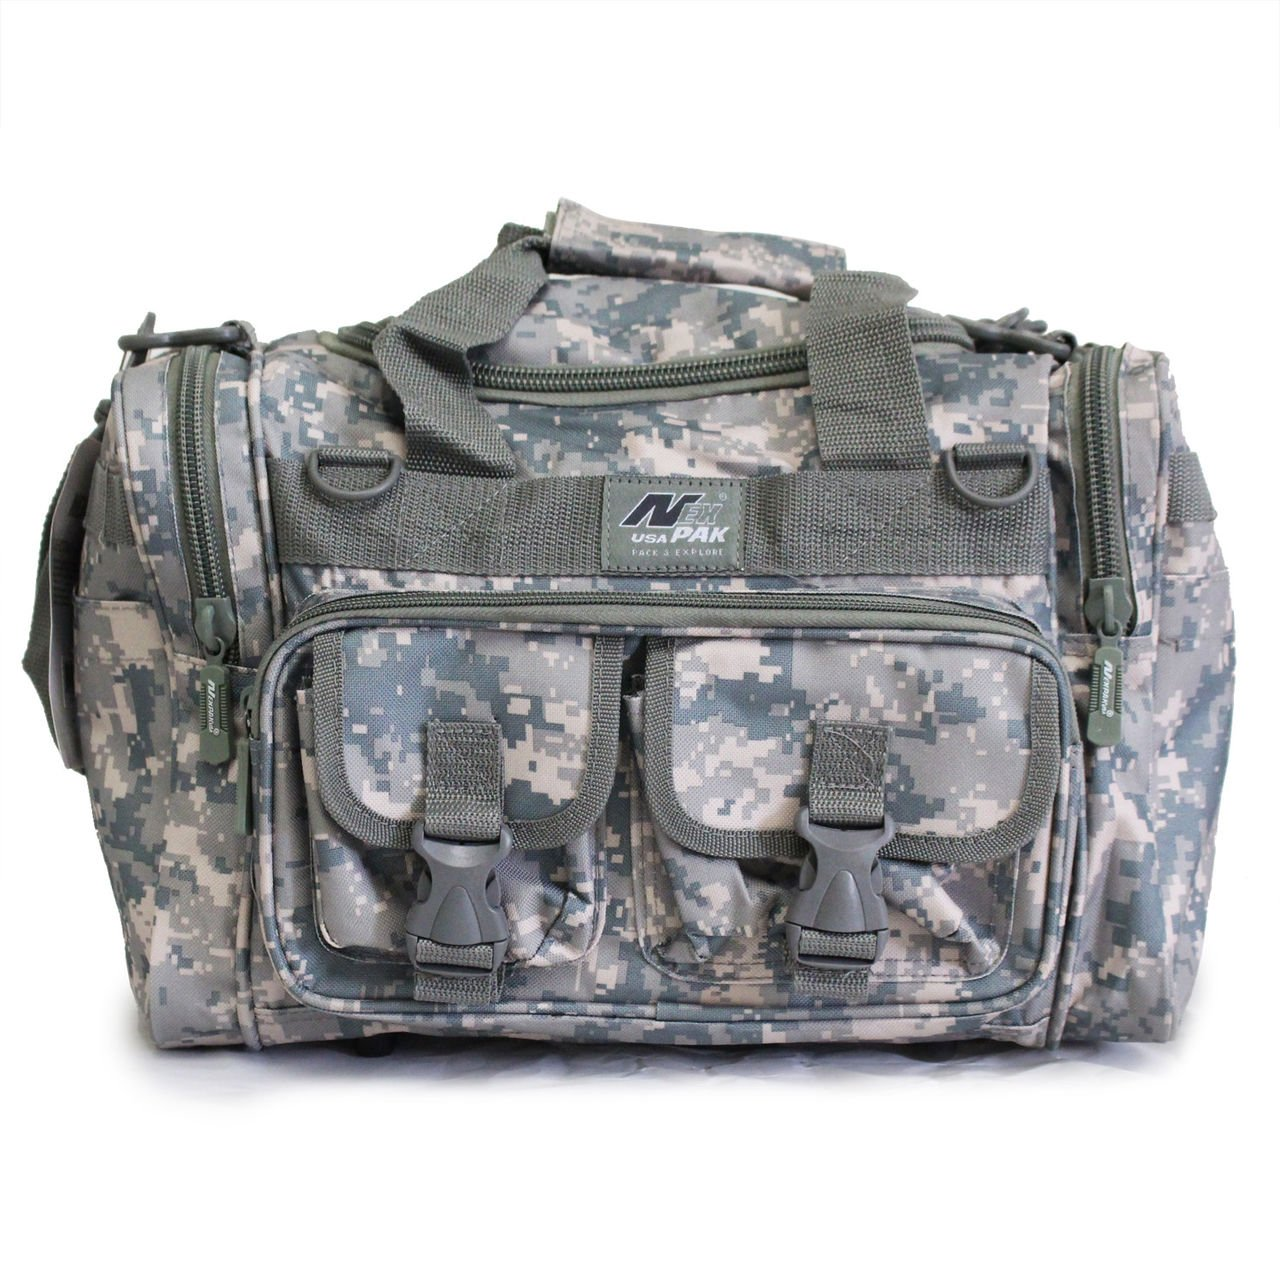 メンズ 18インチ ダッフル モール タクティカル ギア 肩掛け 旅行バッグ キーリングカラビナ付き B01LWIU9TA 22